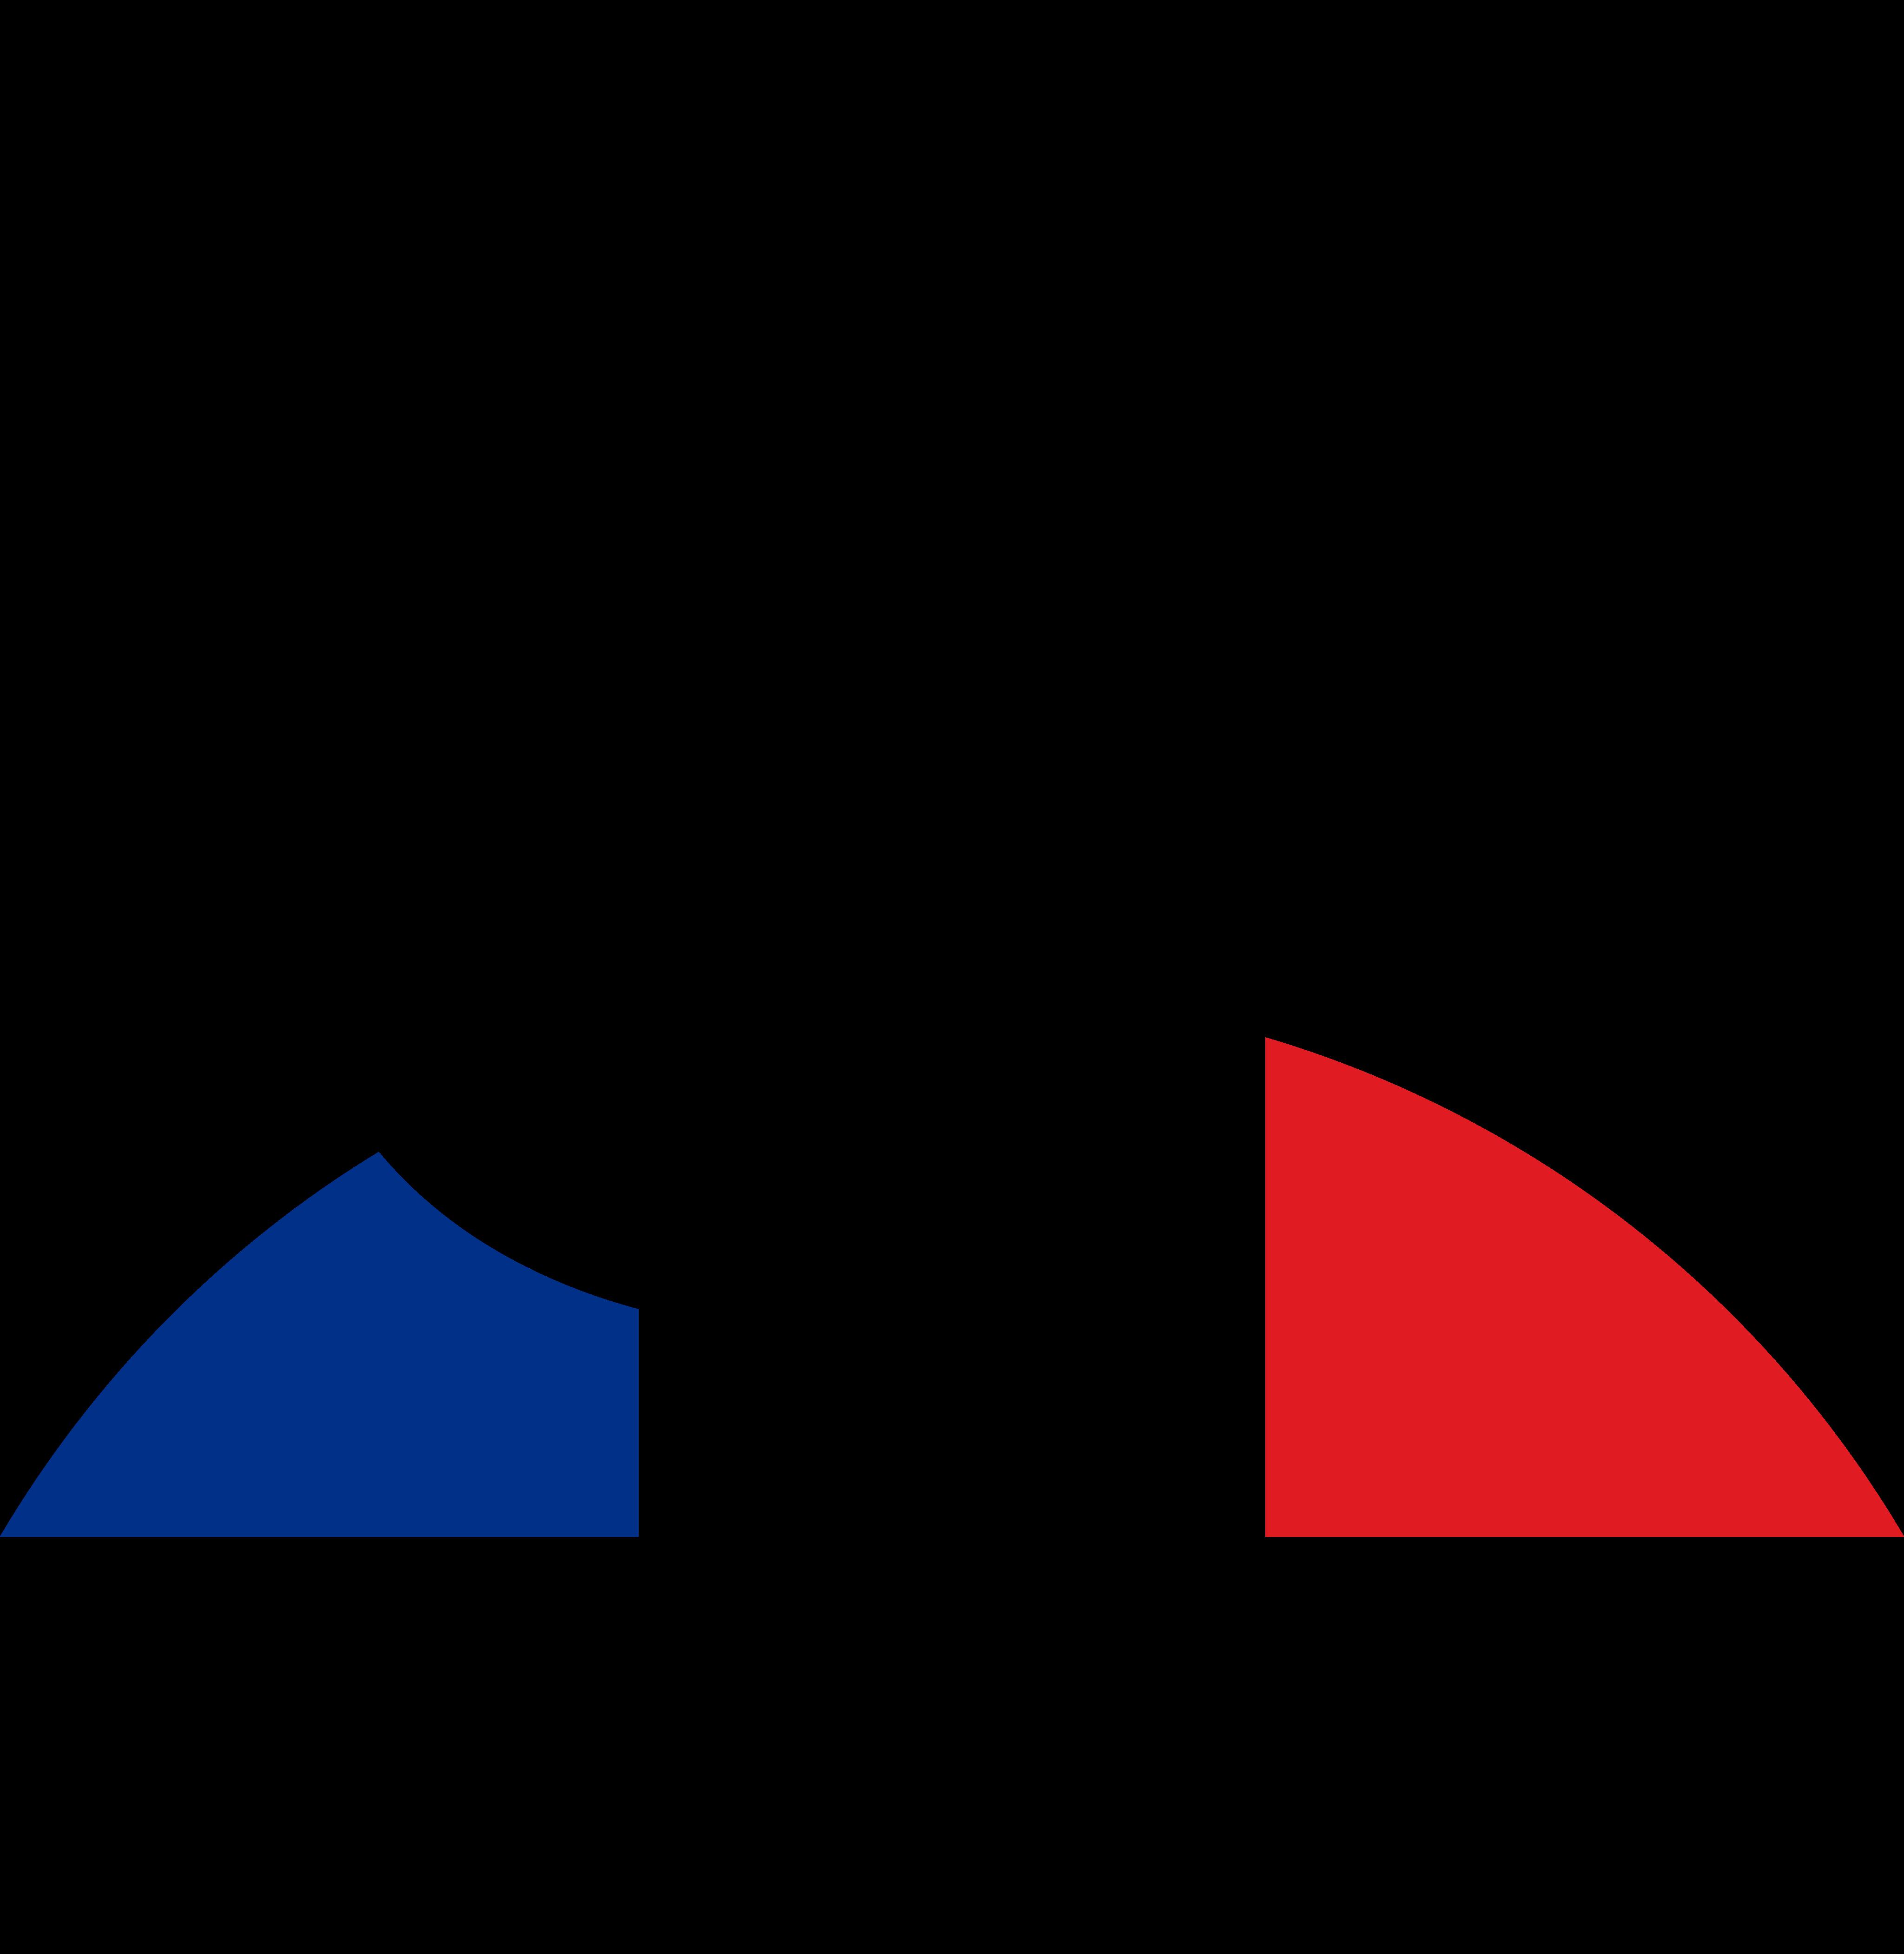 le coq sportif logo - Le Coq Sportif Logo